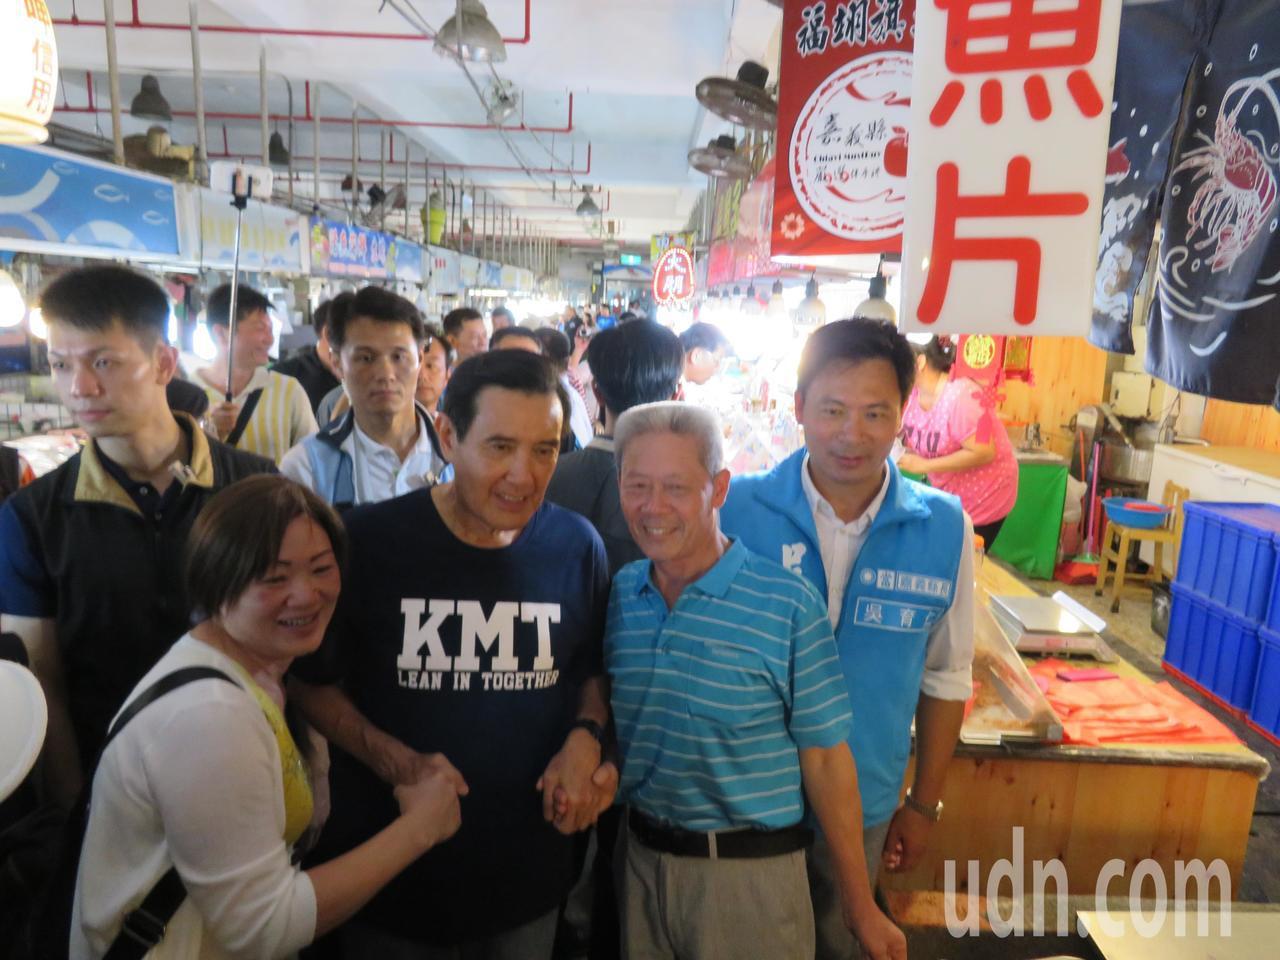 馬英九人氣未減,許多攤商遊客爭著和他握手拍照,途中還巧遇3名大陸重慶遊客開心合照...